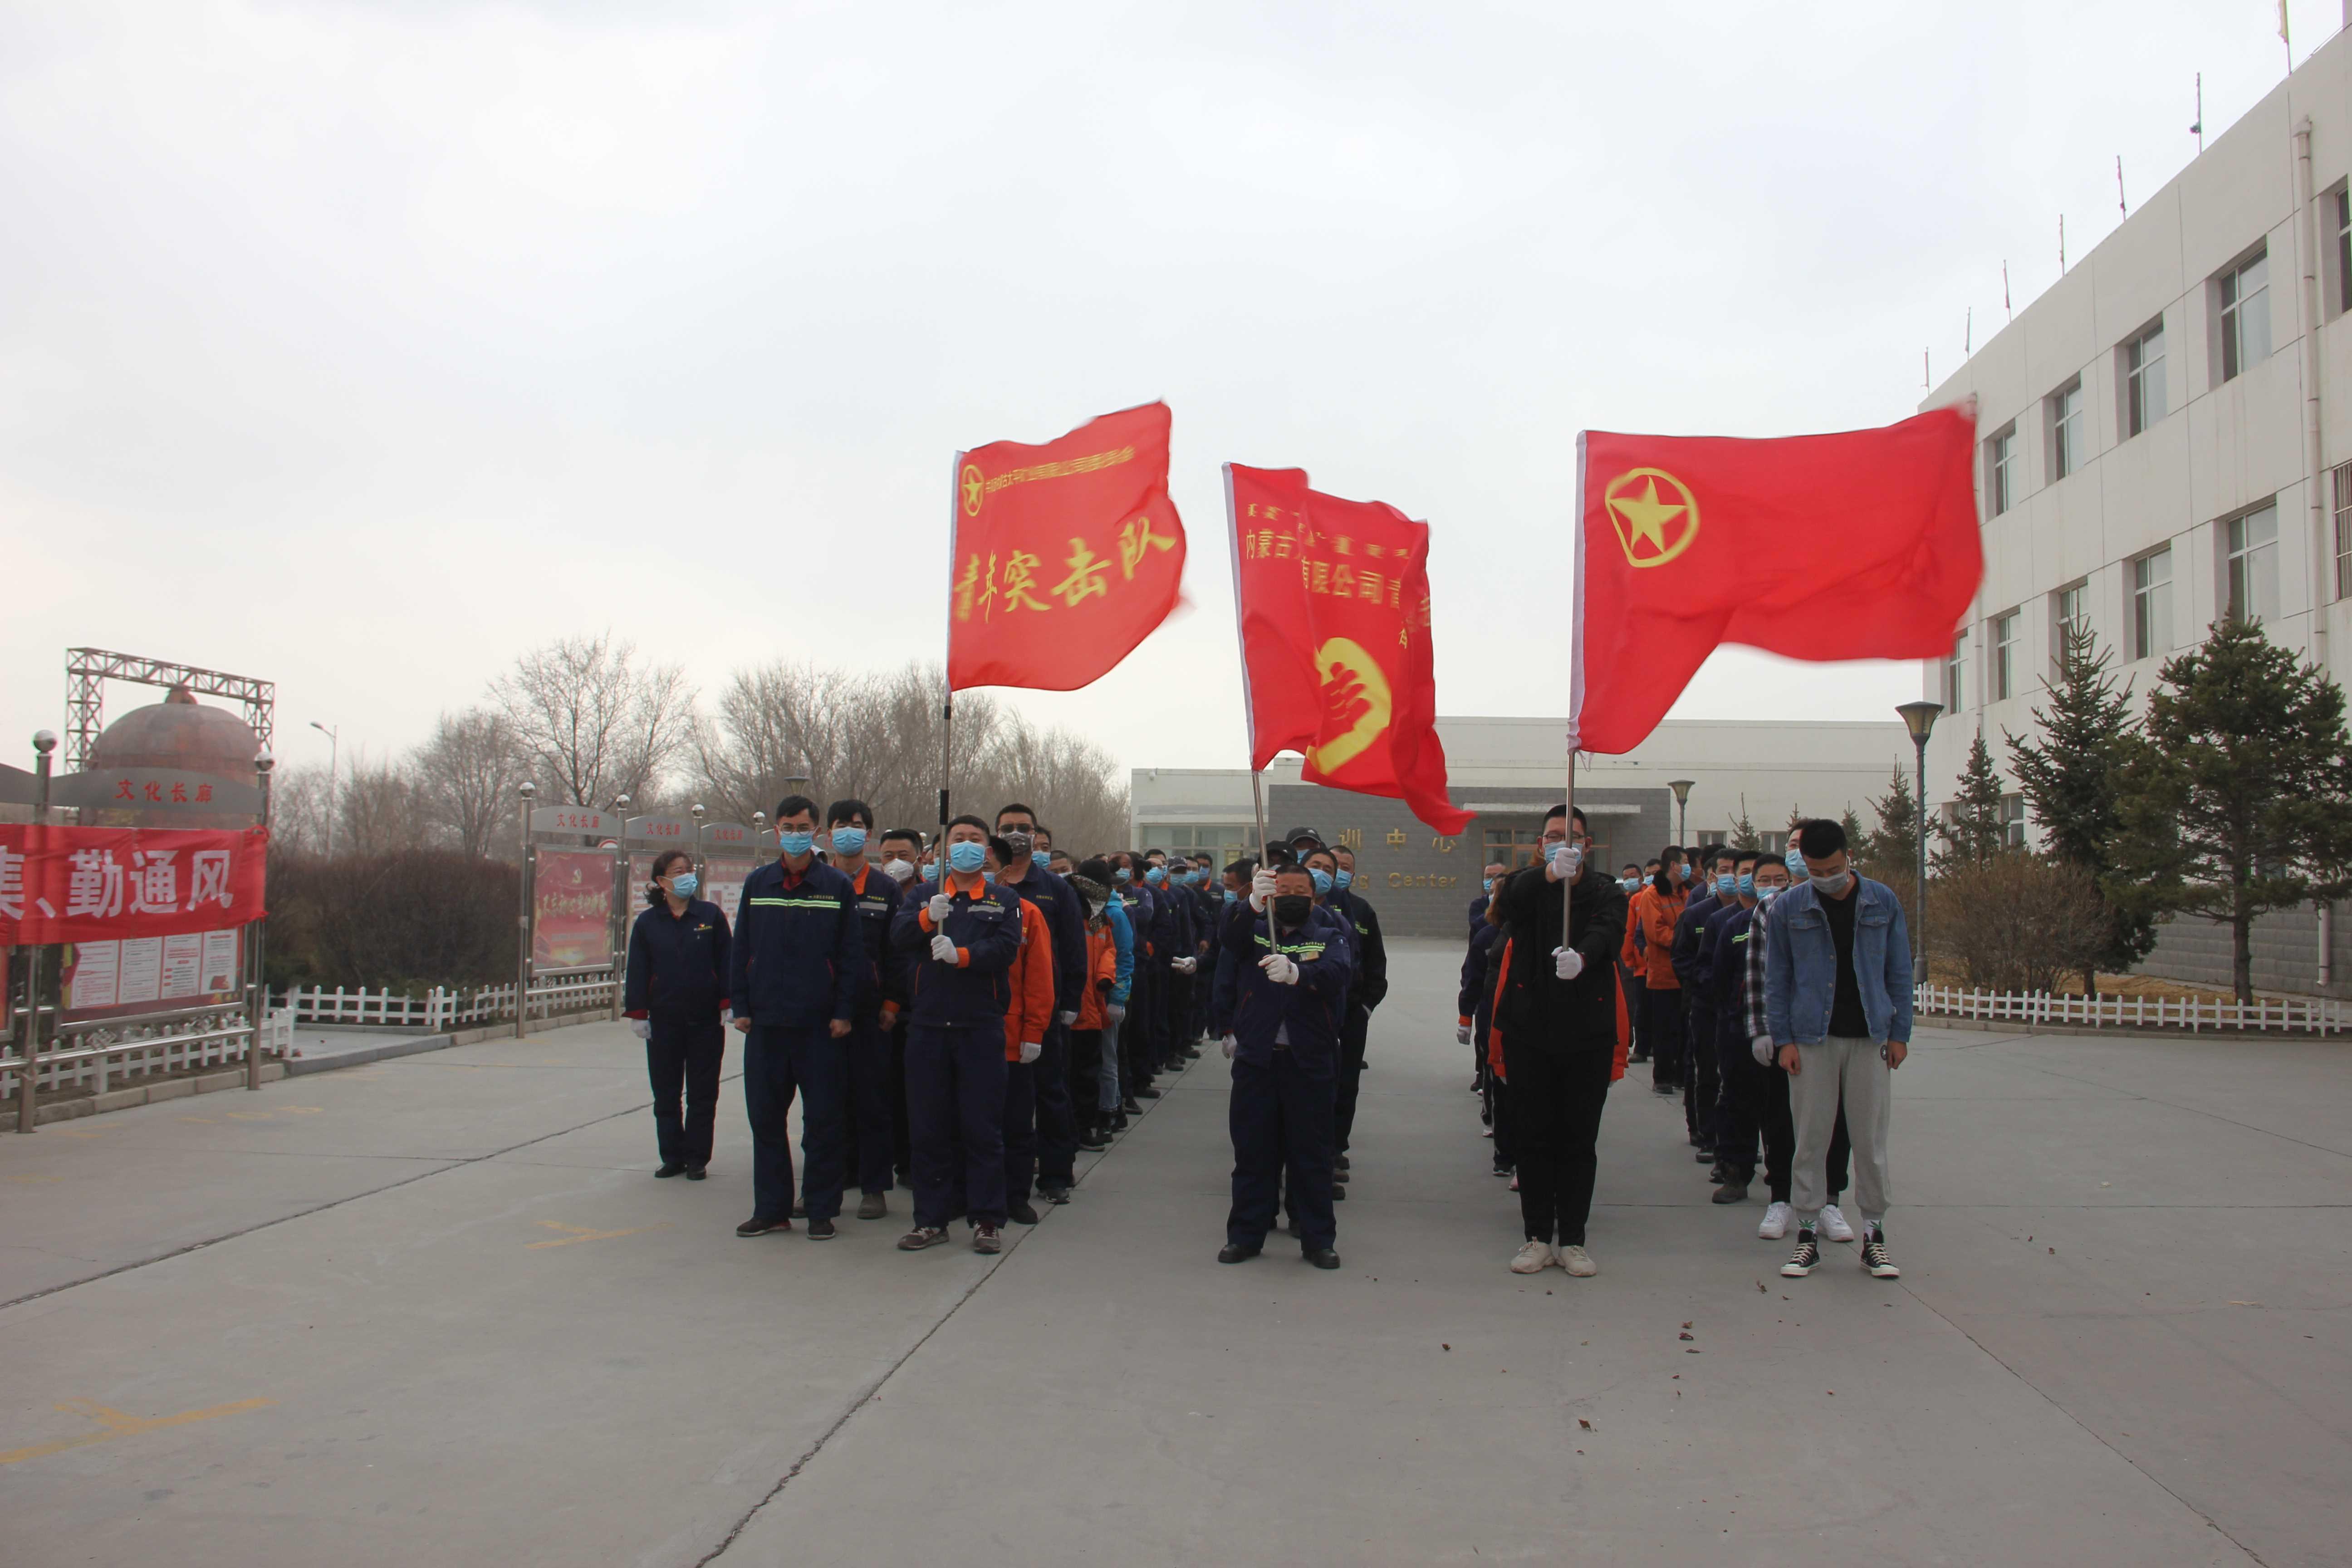 內蒙古太平備耕植樹-辦公樓前排好隊,扛著紅旗去勞動